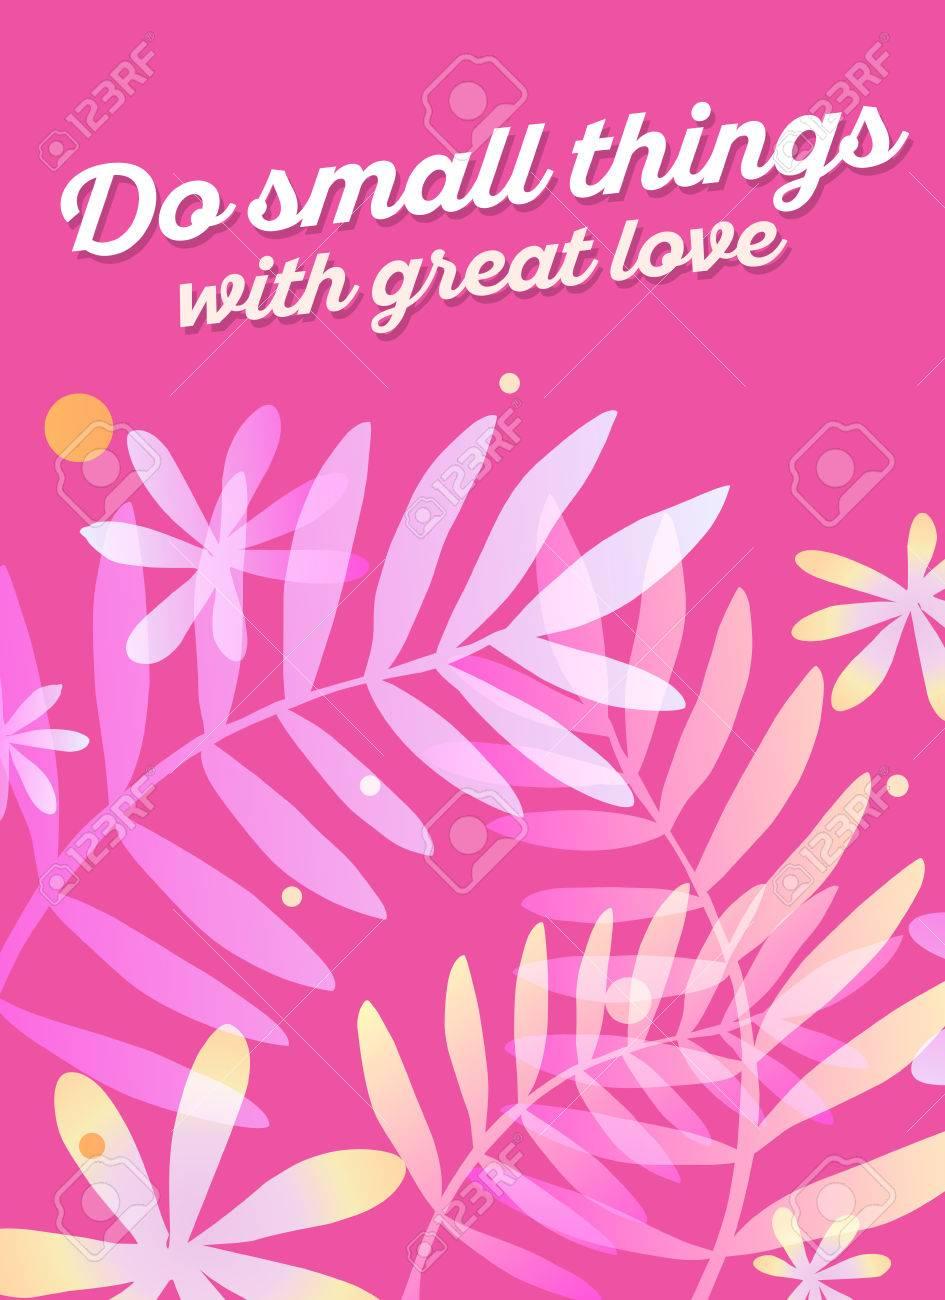 Fondos para hacer tarjetas de amor